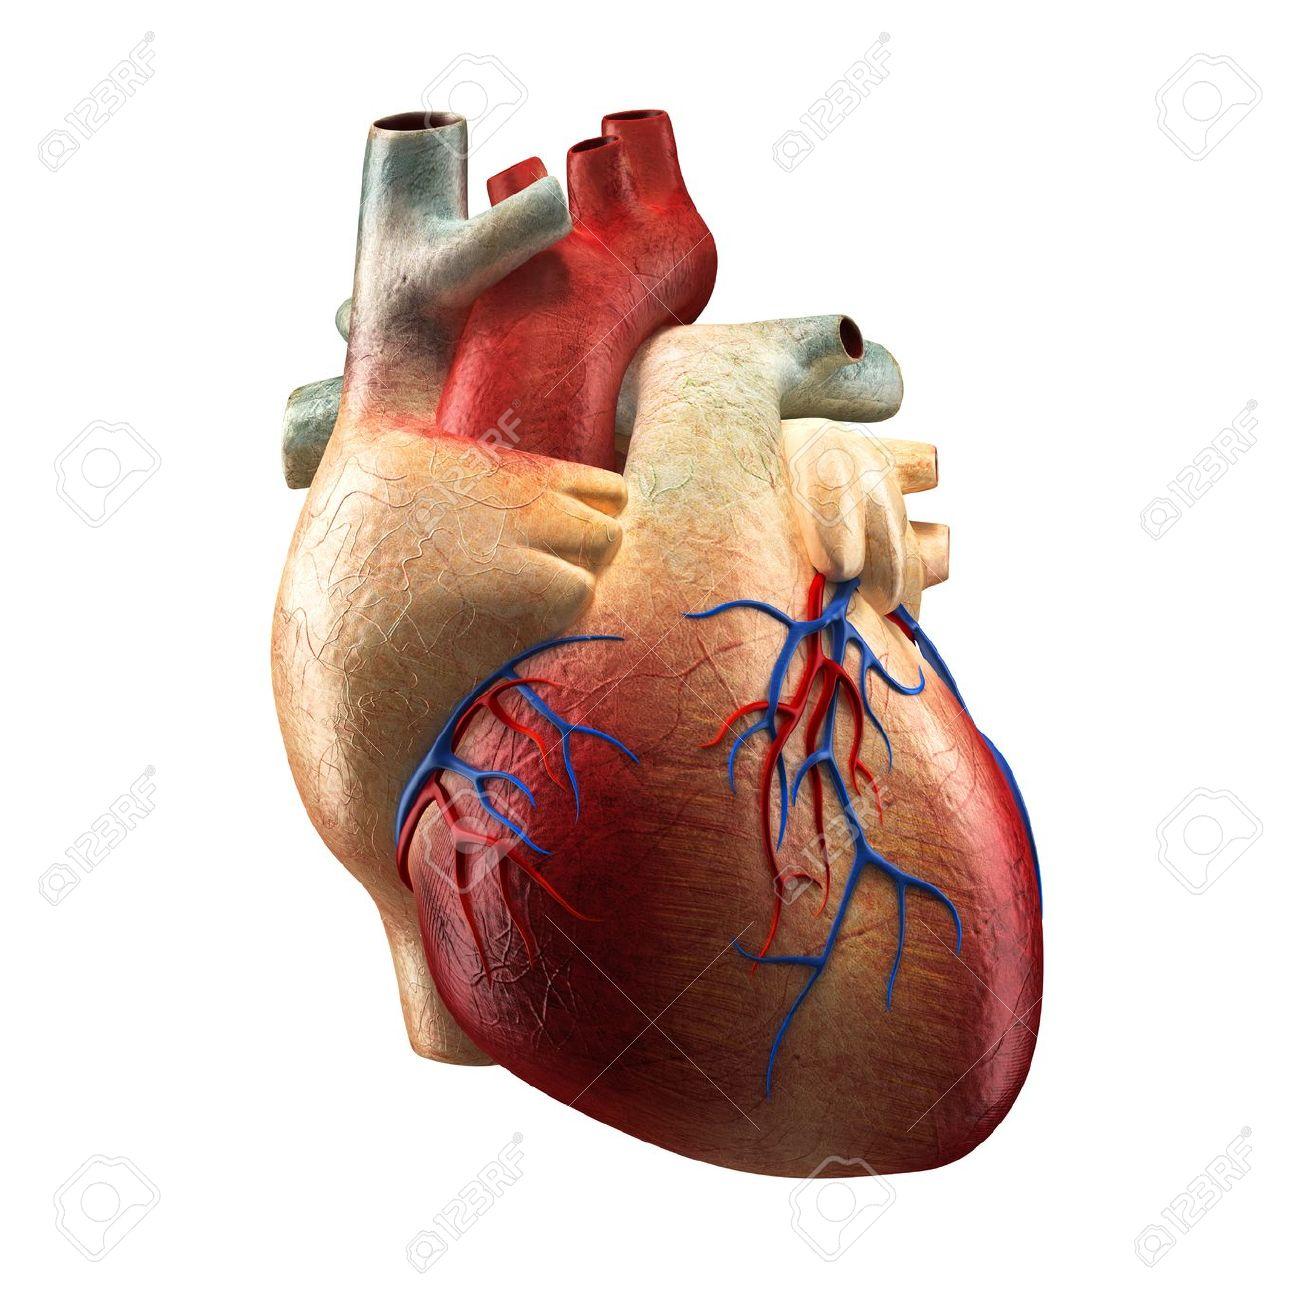 Bienes Corazón Aislado En Blanco - Modelo De Anatomía Humana Fotos ...